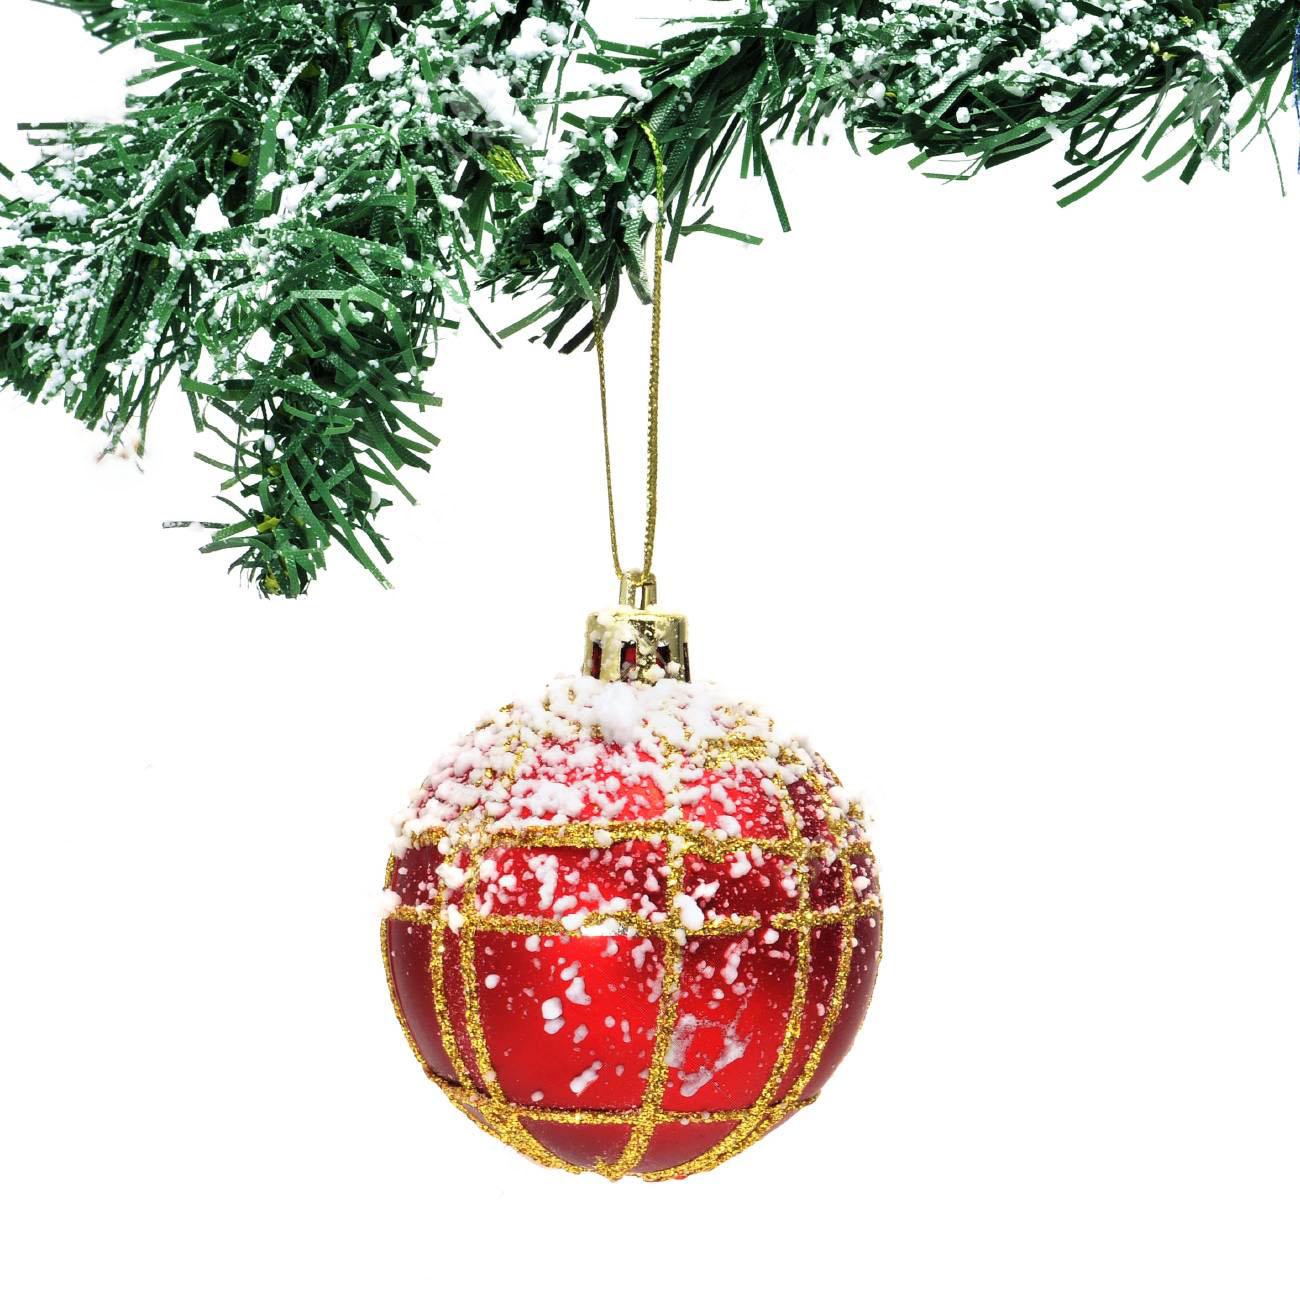 Компания «MakBox» поздравляет всех своих клиентов с наступающим Новым годом и Рождеством Христовым!